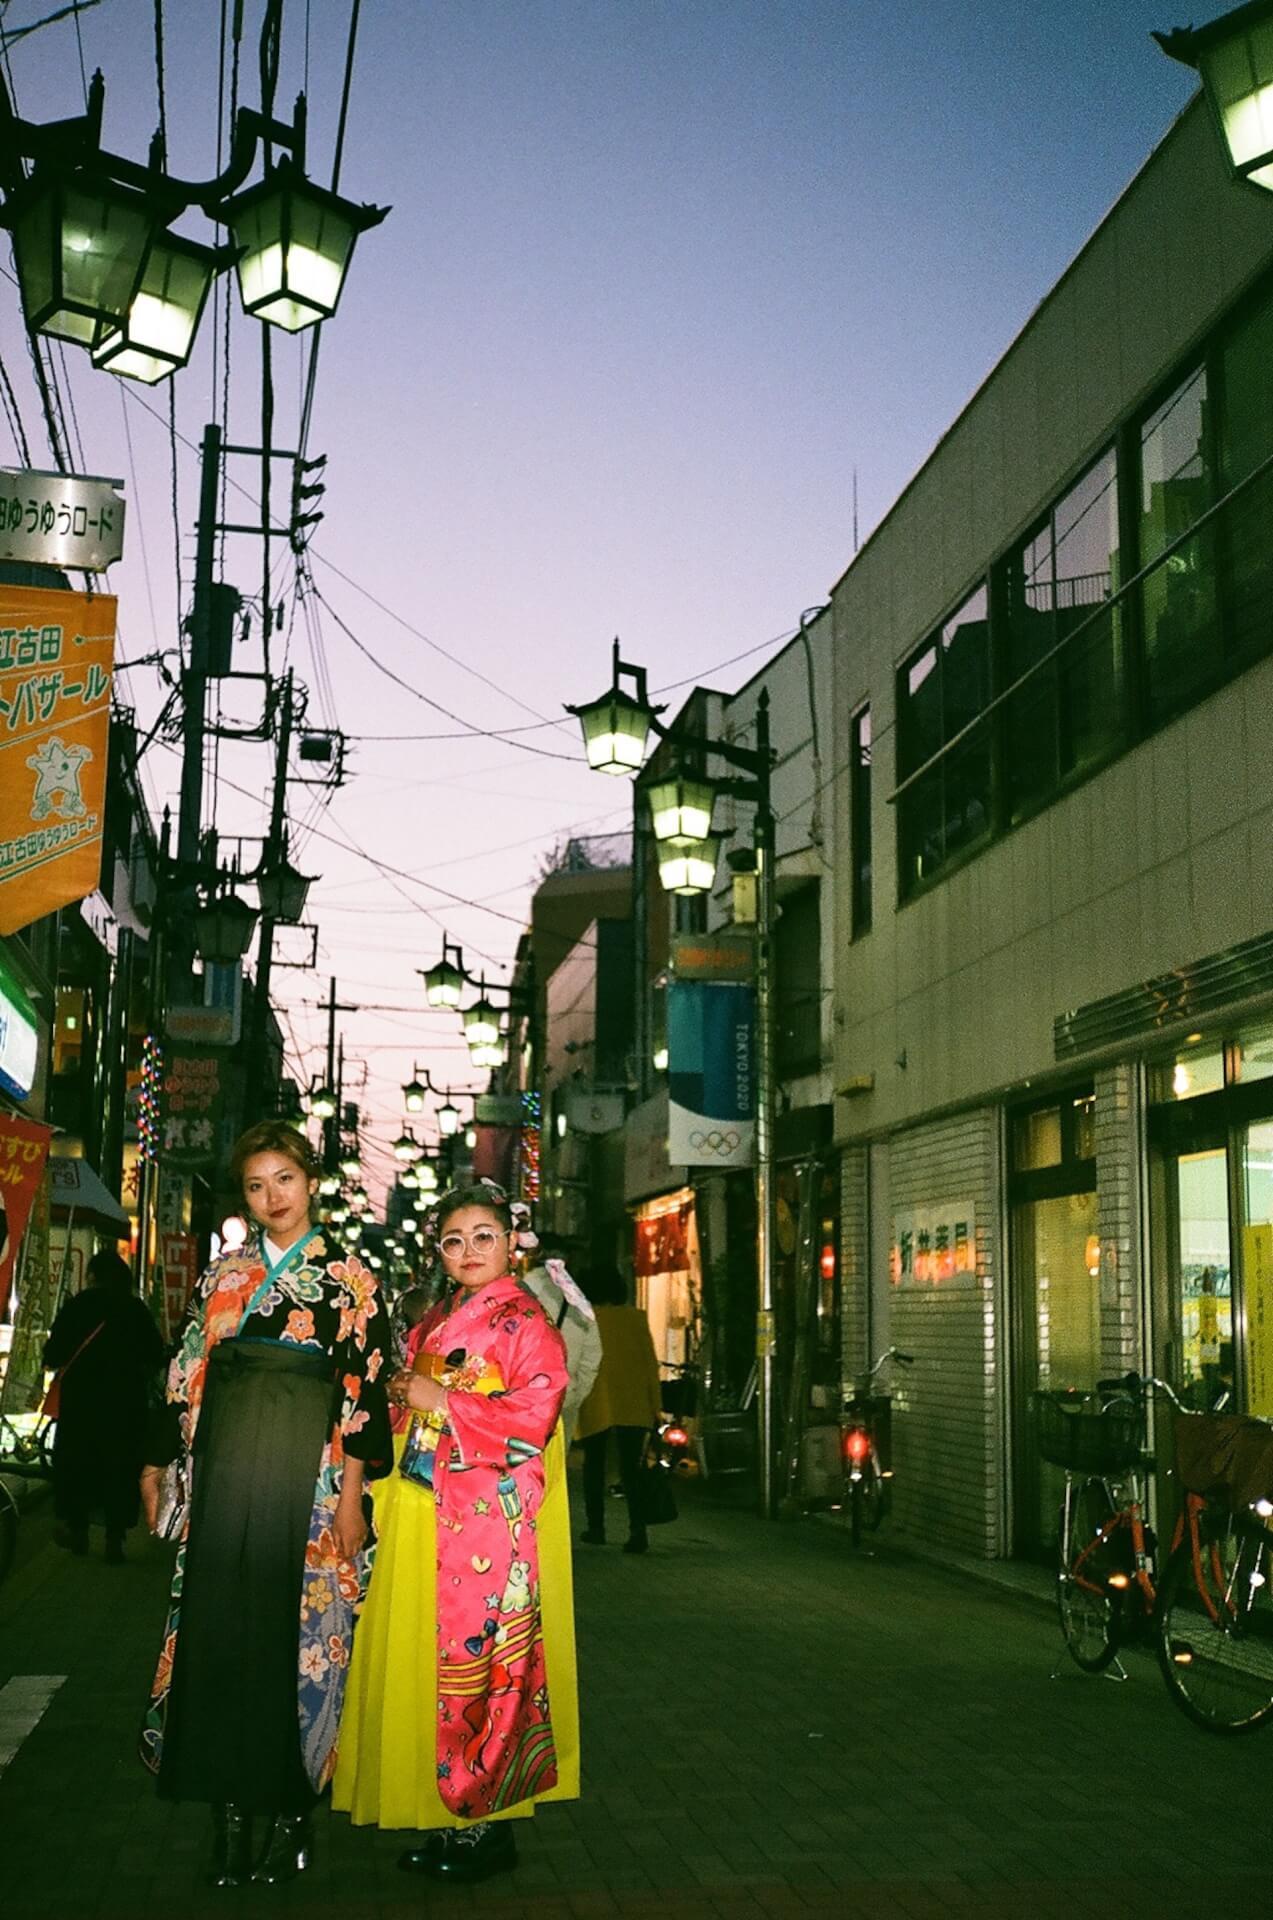 はなむけしゃしん - 竹漫&gk「竹漫は卒漫します2020🌸feat. gk」 art200408_hanamukeshashin4_14